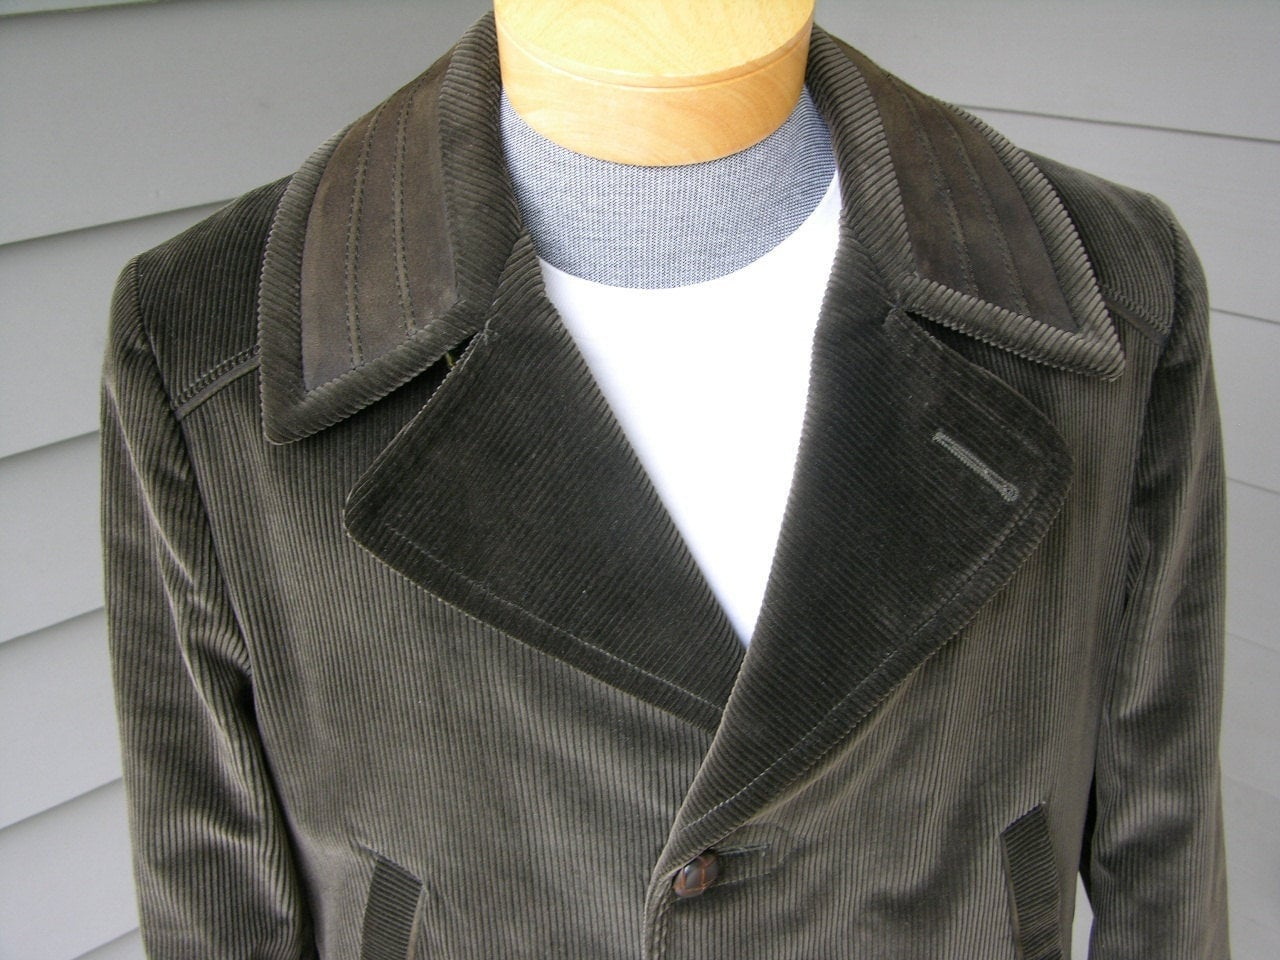 1960s – 70s Men's Ties | Skinny Ties, Slim Ties Vintage 1960s Mens Corduroy Car Coat. New Old Stock. Matching Suede Trim. Half Belt Back. Size 40 Plus $185.00 AT vintagedancer.com